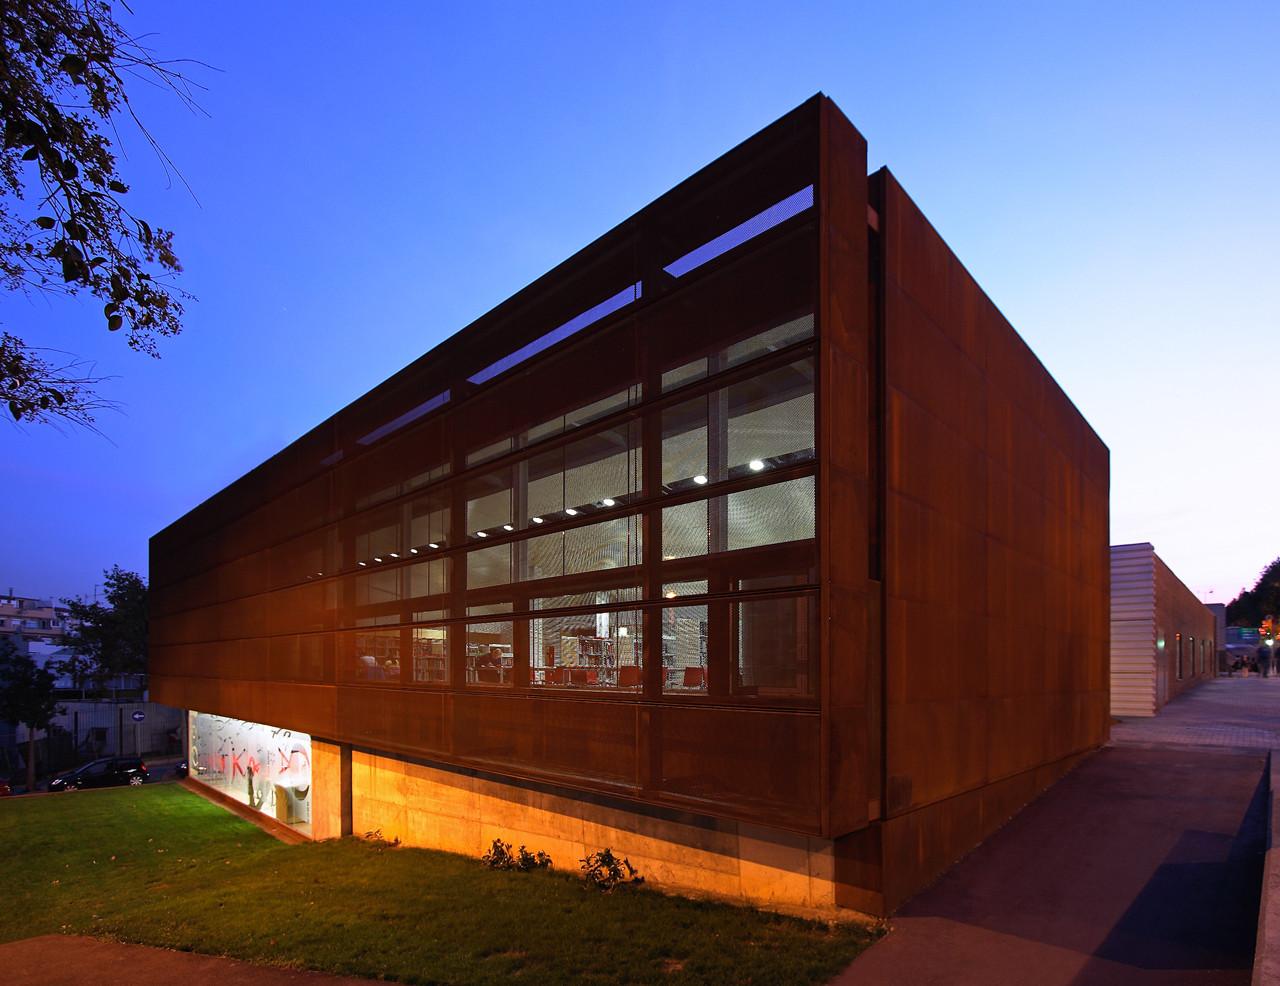 Biblioteca Les Roquetes / Soldevila Arquitectos, © M. Grassi